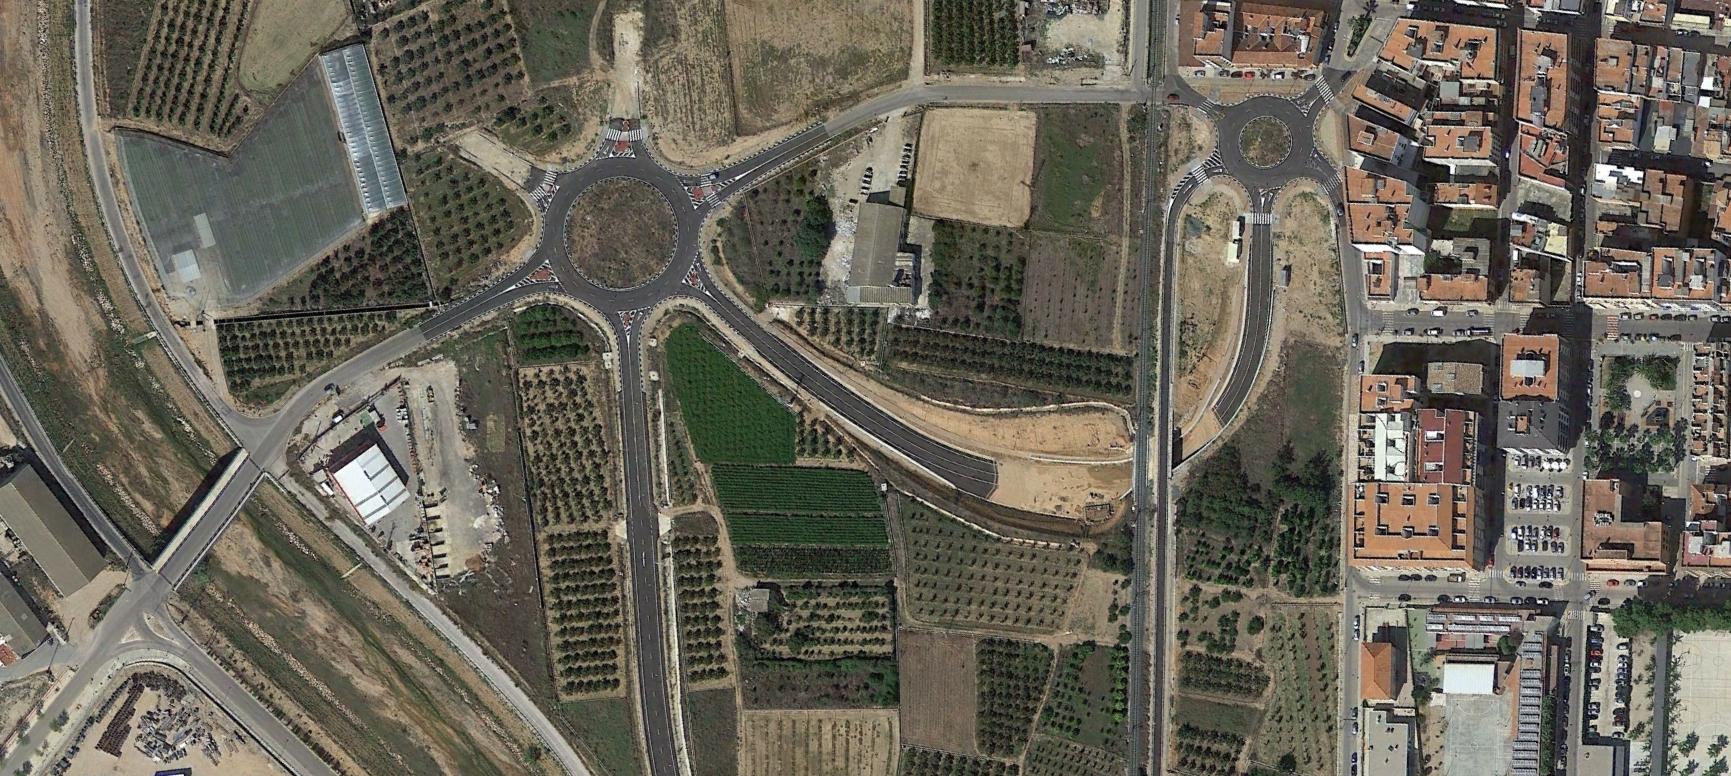 carlet, valencia, octocoño, después, urbanismo, planeamiento, urbano, desastre, urbanístico, construcción, rotondas, carretera